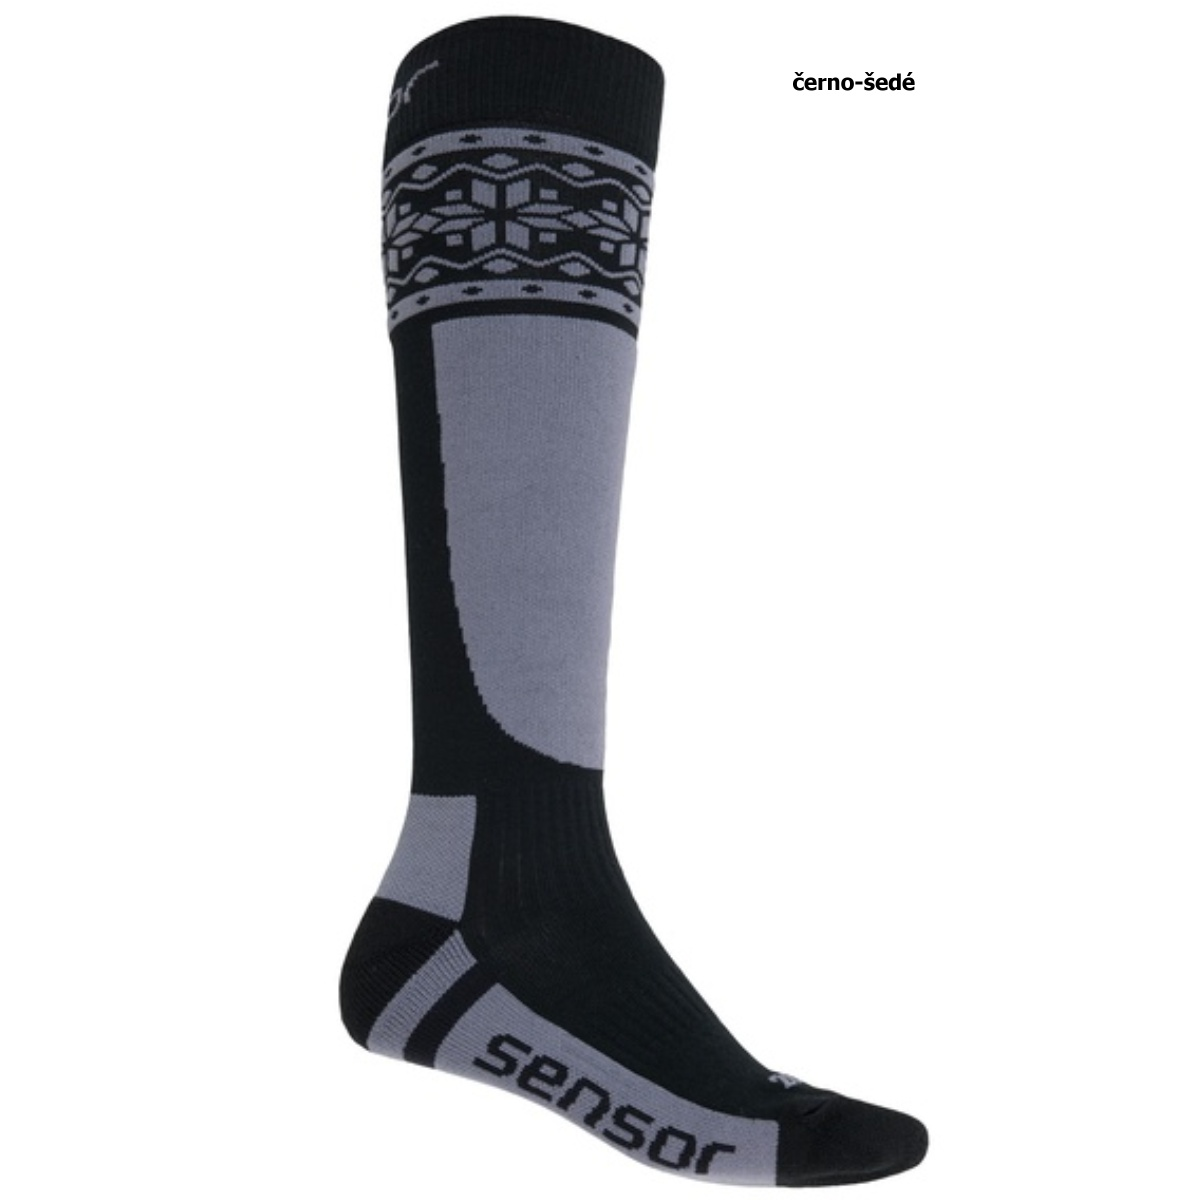 Sensor ponožky THERMOSNOW NORWAY černá-šedá